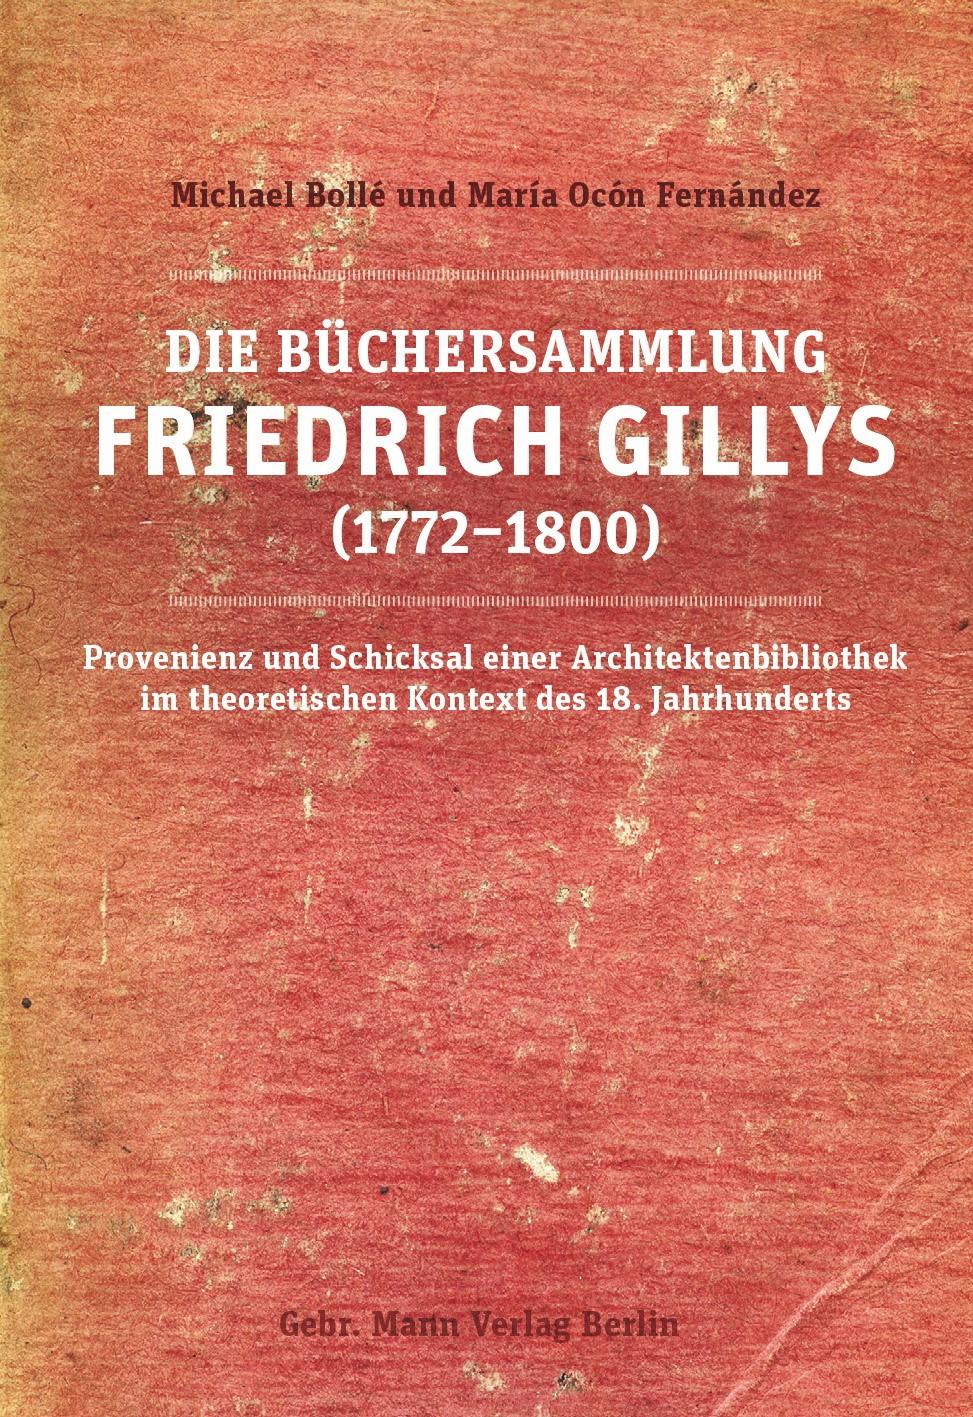 Abbildung von Bollè / Ocón Fernández | Die Büchersammlung Friedrich Gillys (1772-1800) | 2018